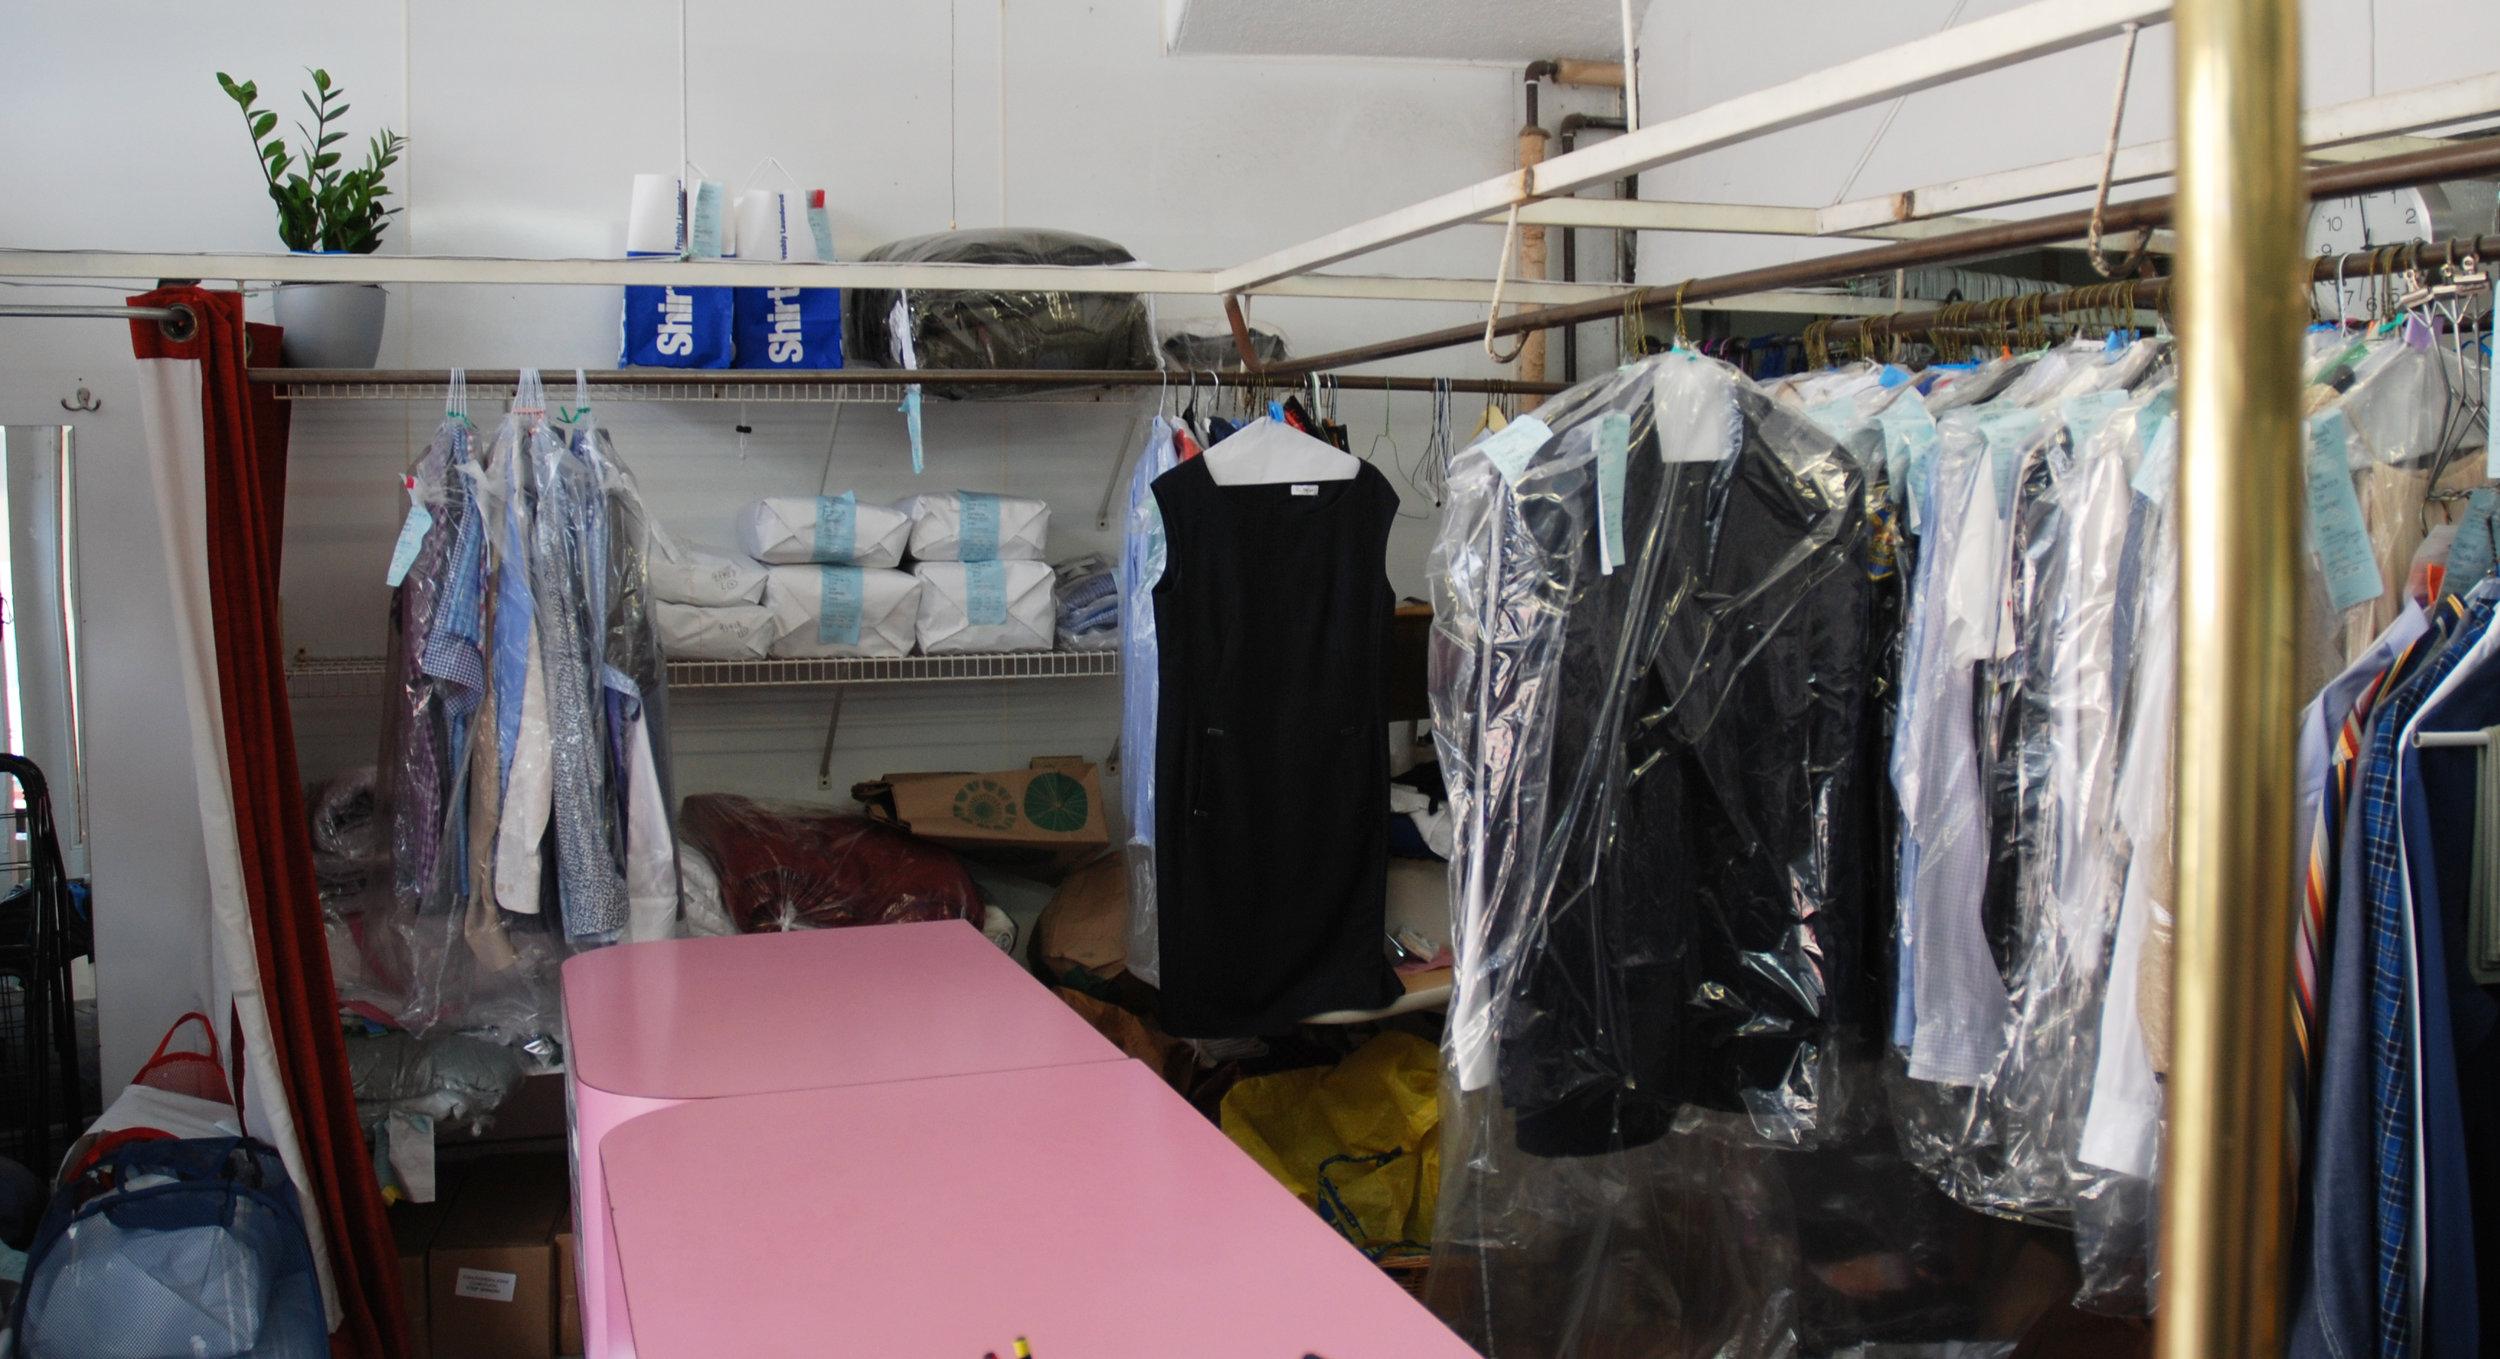 5 - laundry 4 now.jpg